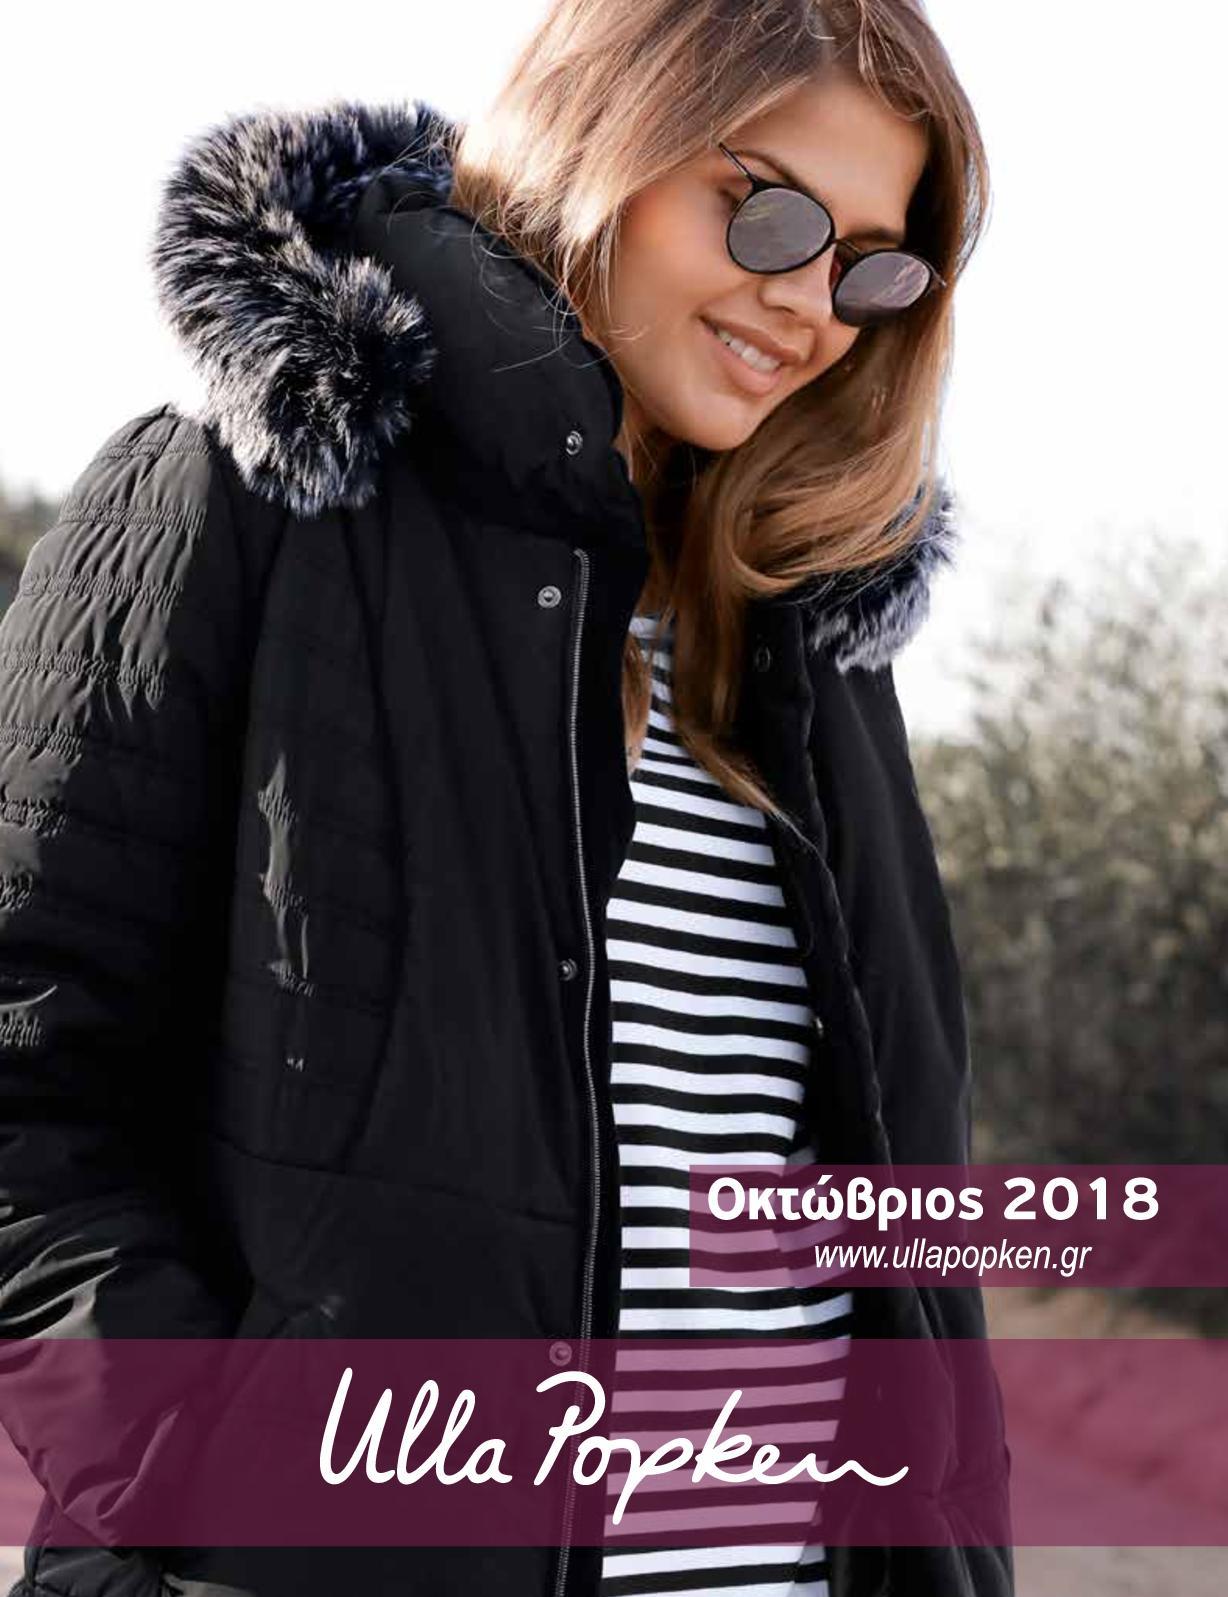 9fbaf431cdec Calaméo - Ulla Popken October 2018